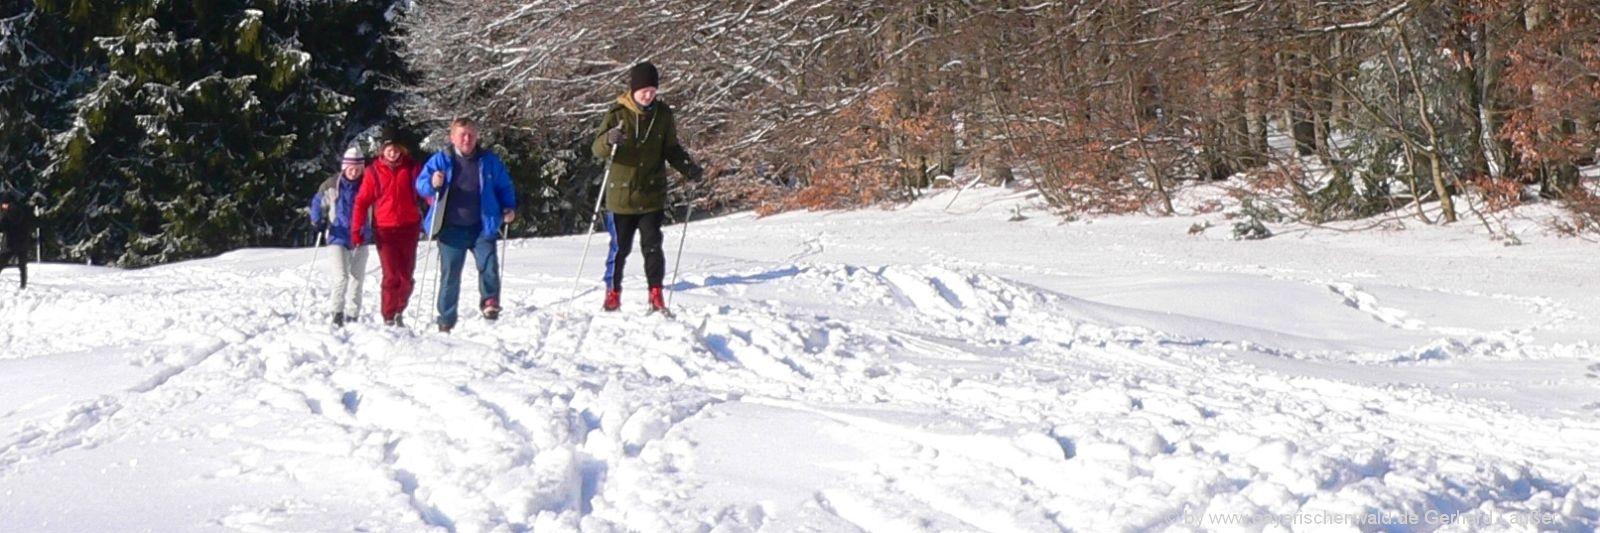 Bayerischer Wald Skiurlaub mit Kindern